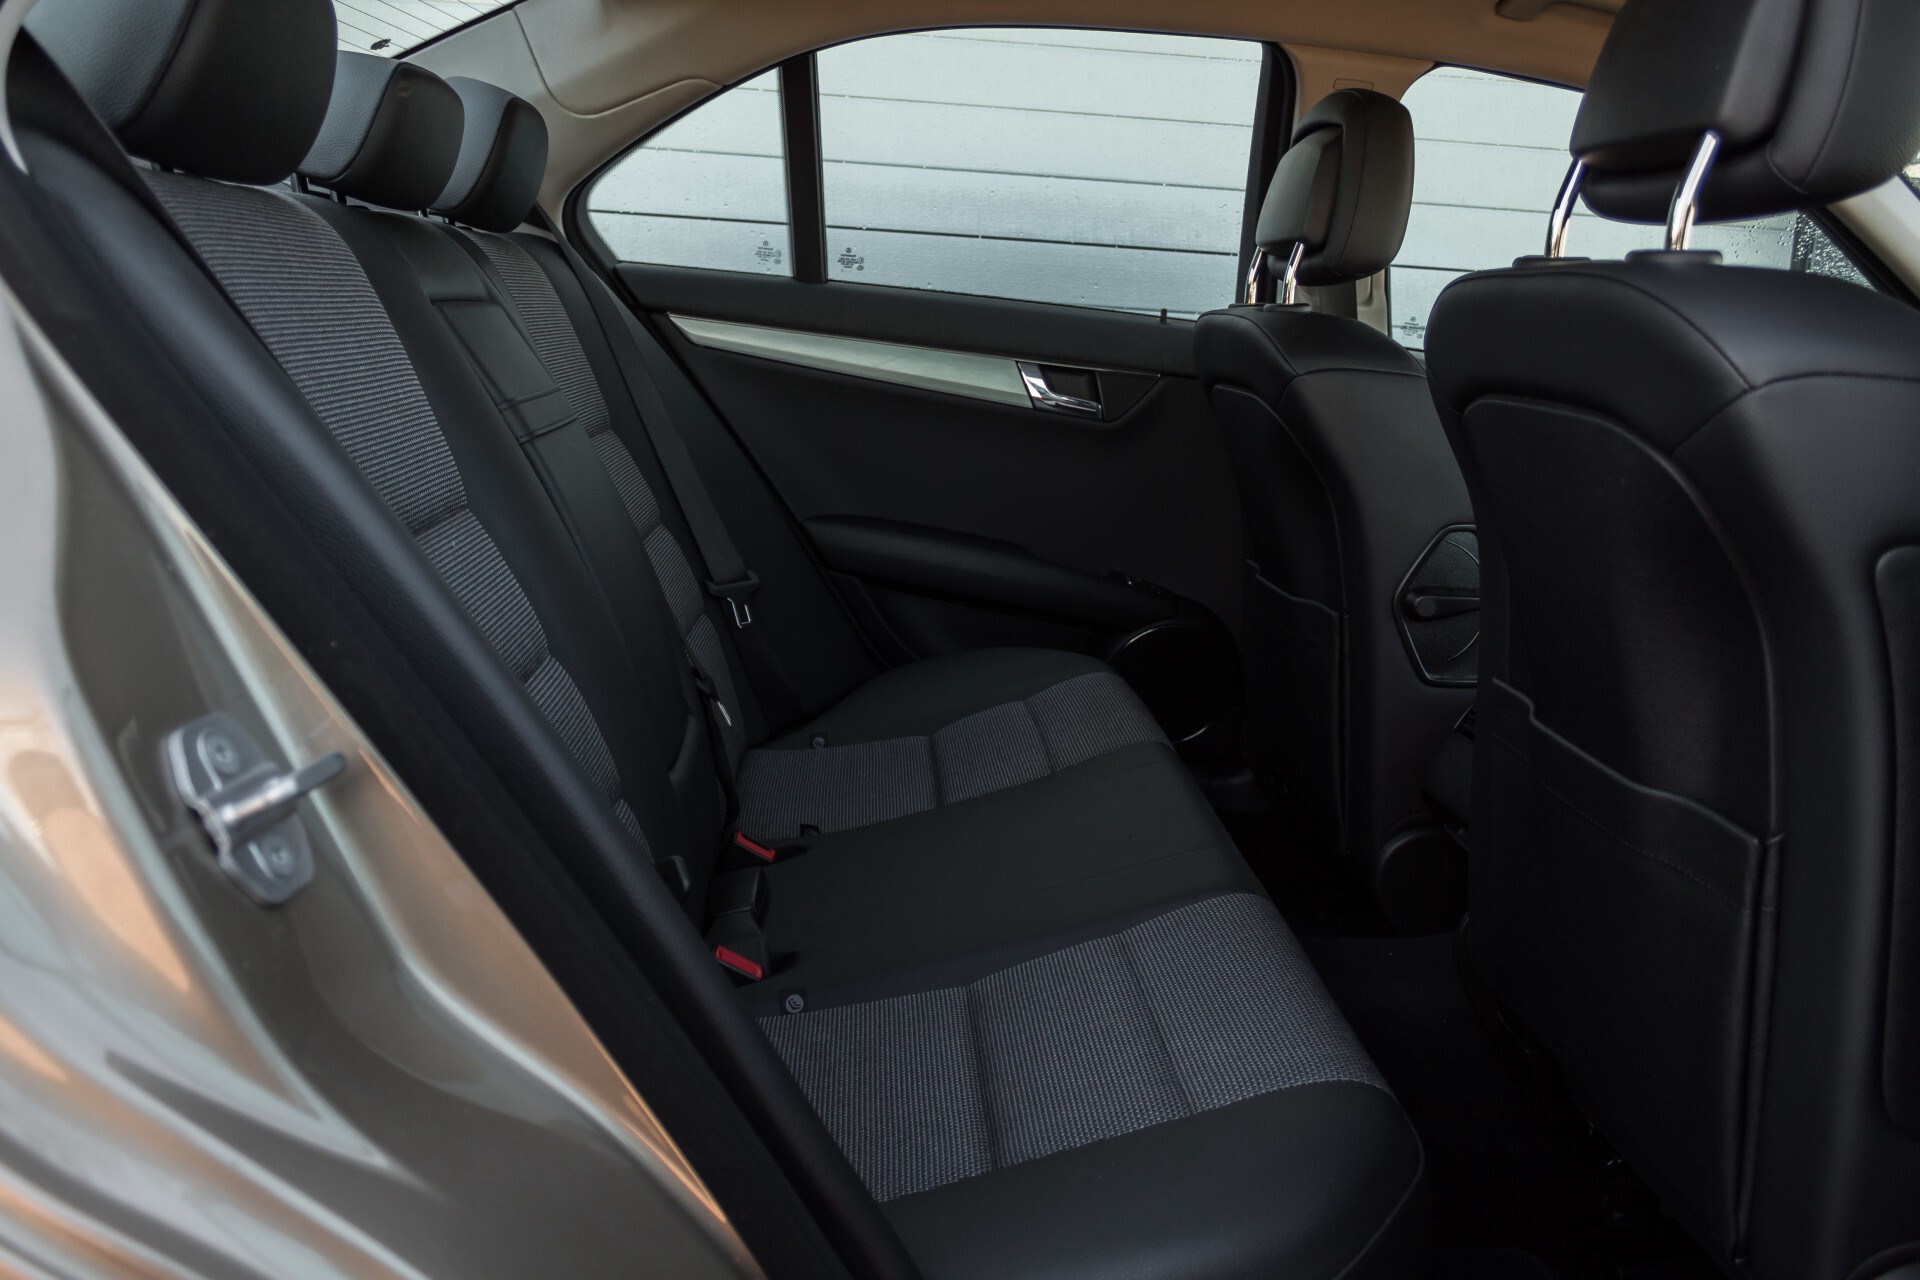 Mercedes-Benz C-Klasse 180 K Avantgarde 1ste eigenaar/NL geleverd/Dealer onderhouden/Volledig gedocumenteerd Foto 4